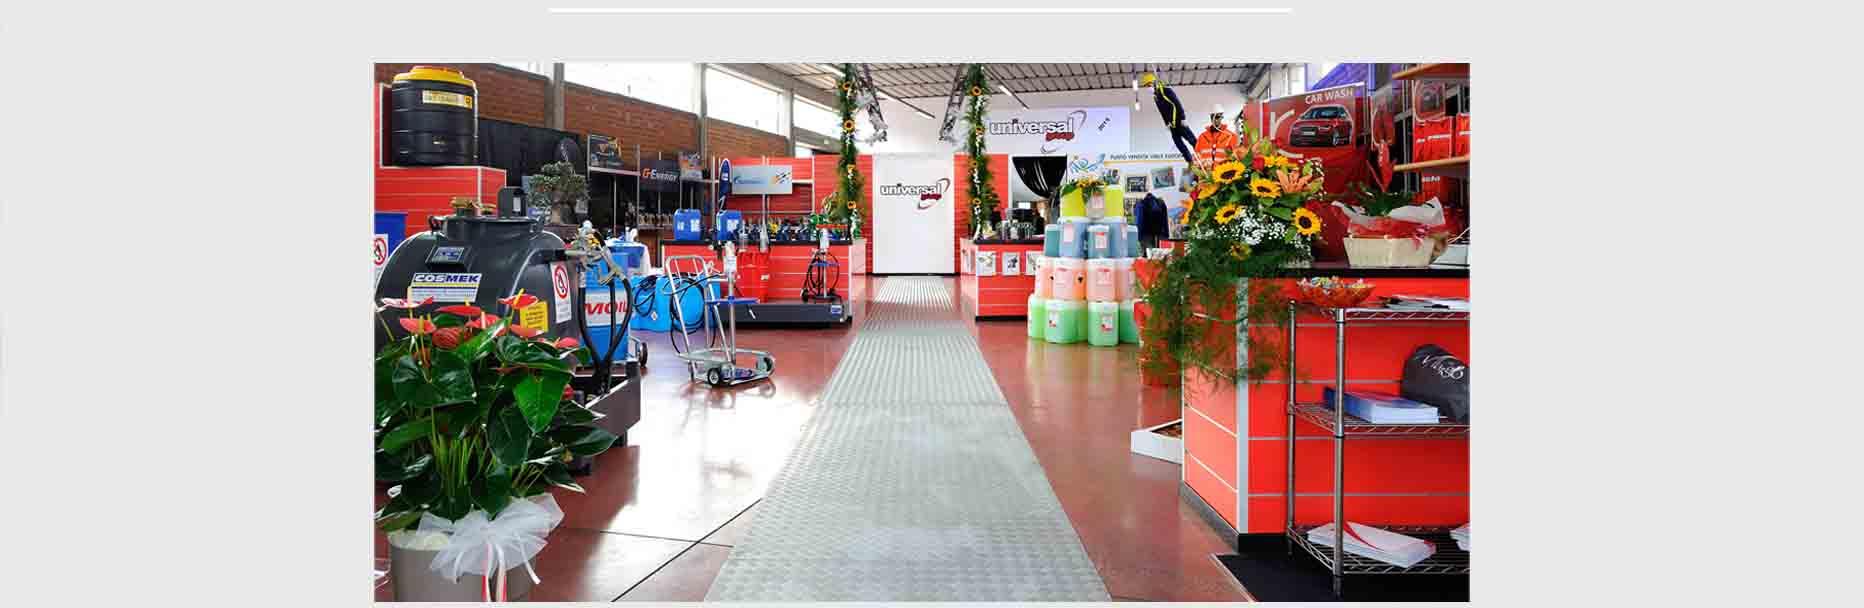 Forniamo un ampia gamma di prodotti lubirifacnti e per la lubrificazione sul territorio di Lucca Massa Pisa e Pistoia.